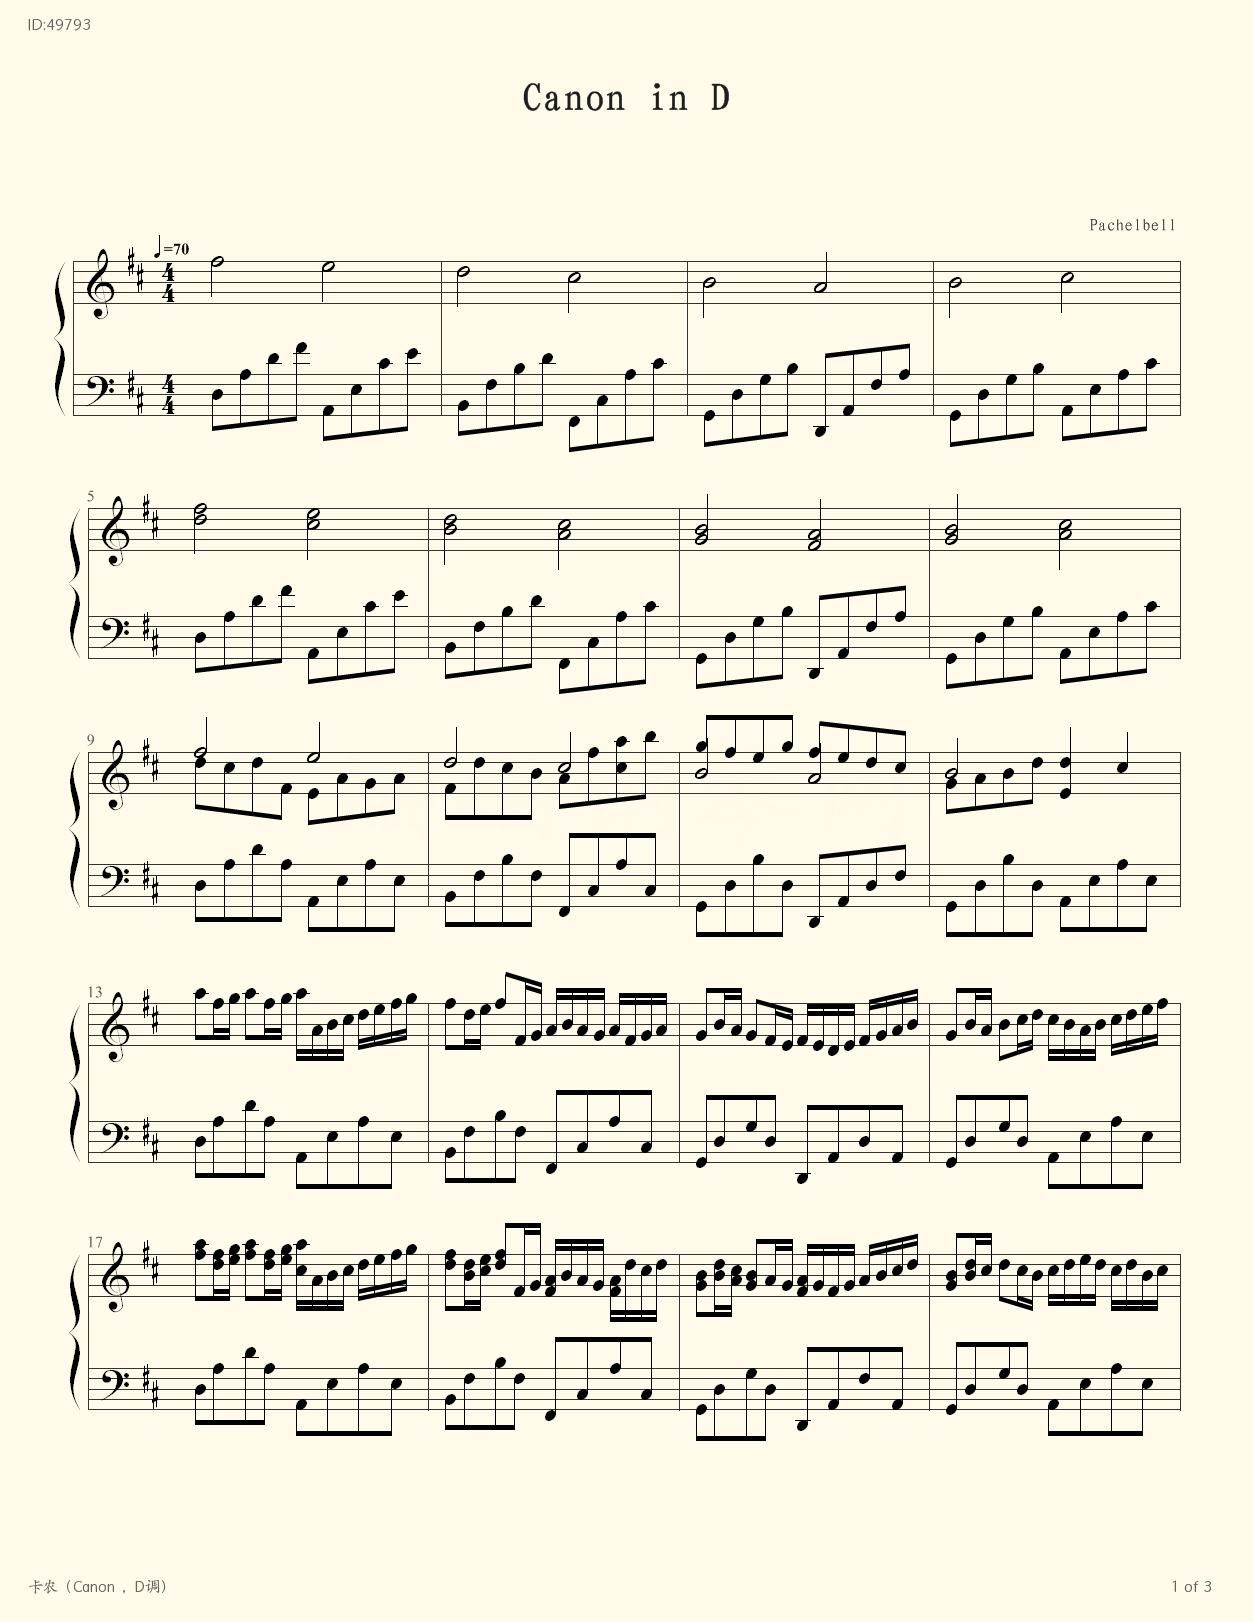 Canon D , Piano score》Unknown (Piano music Fingering